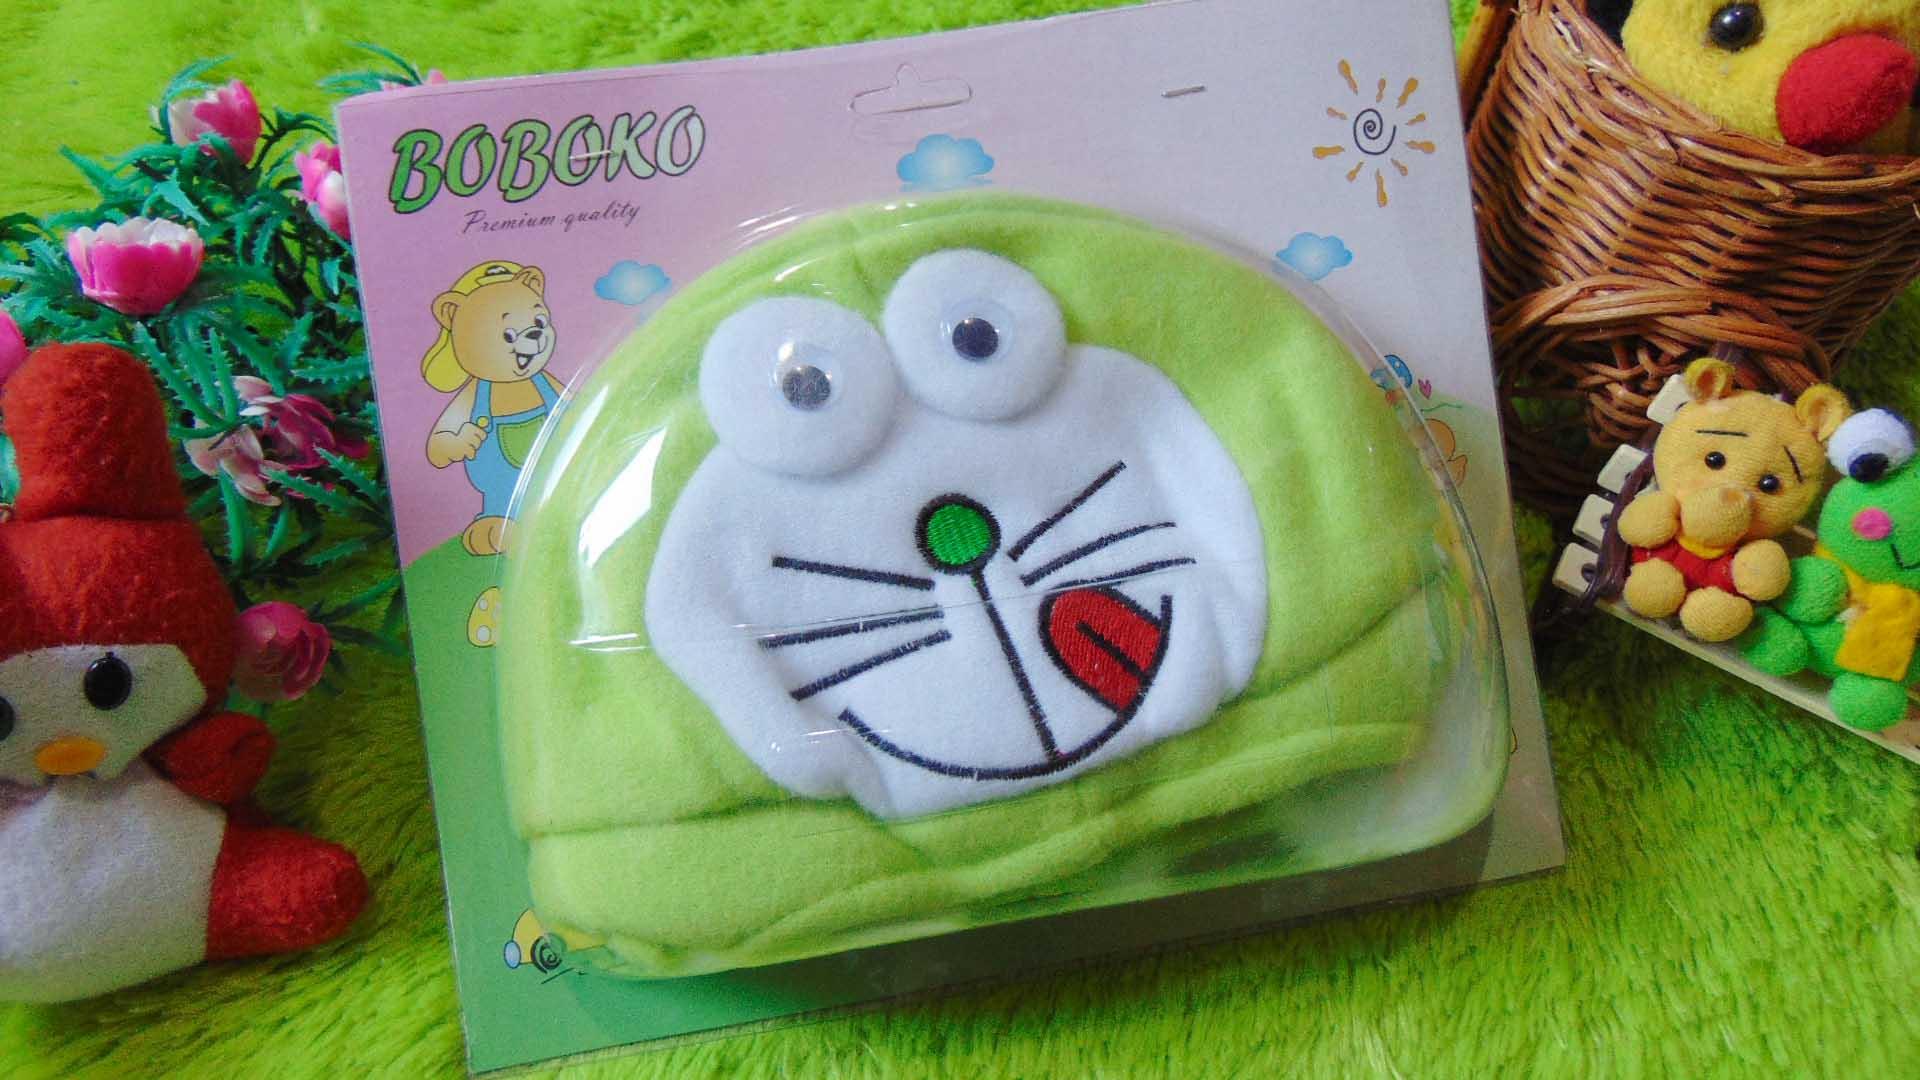 Kado Bayi Baby Gift Topi Bayi Newborn 0-12bulan Boboko Karakter Doraemon Hijau 32 bahan lembut adem,cocok untuk penggemar Doraemon